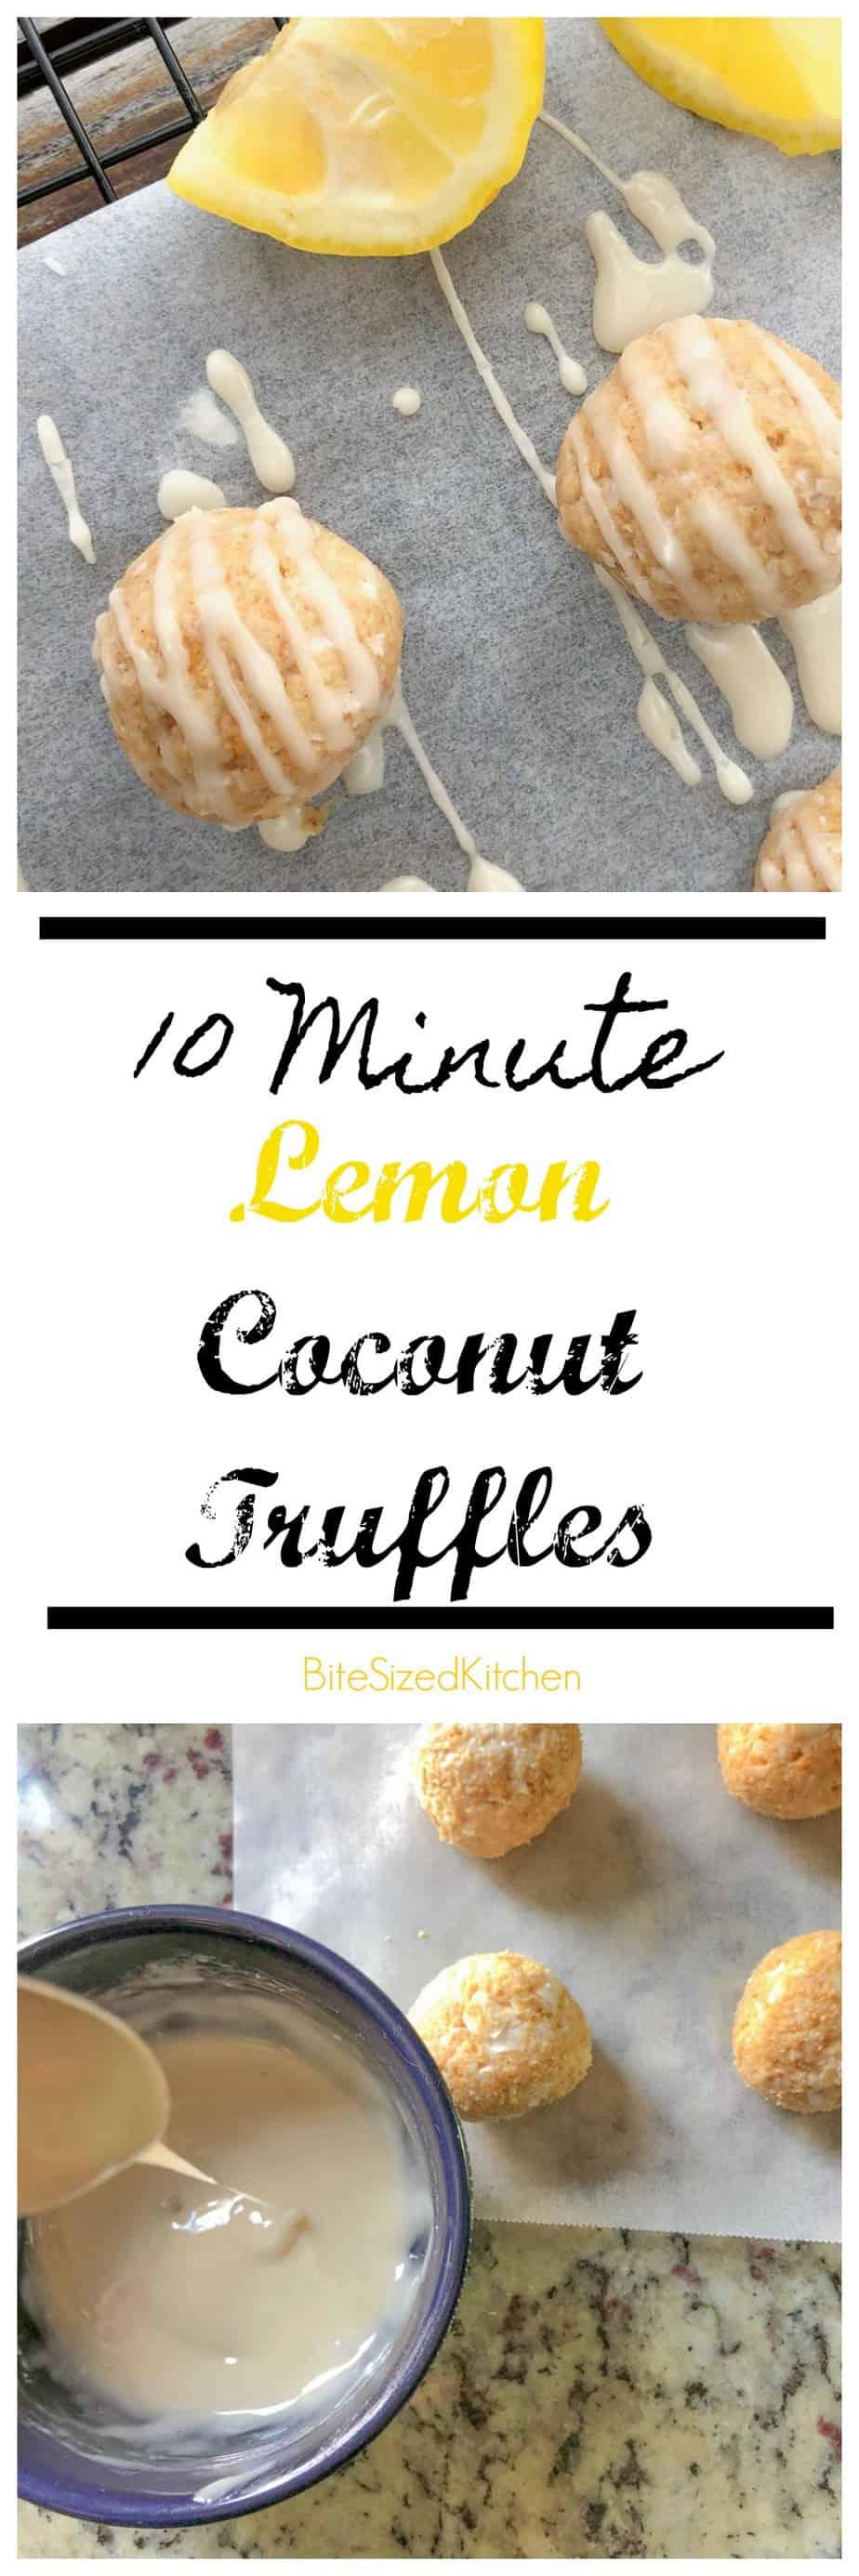 Easy No Bake Lemon Coconut Truffles_Perfect Bite-Sized Dessert! Lemon glazed truffles! Quick freezer friendly dessert!